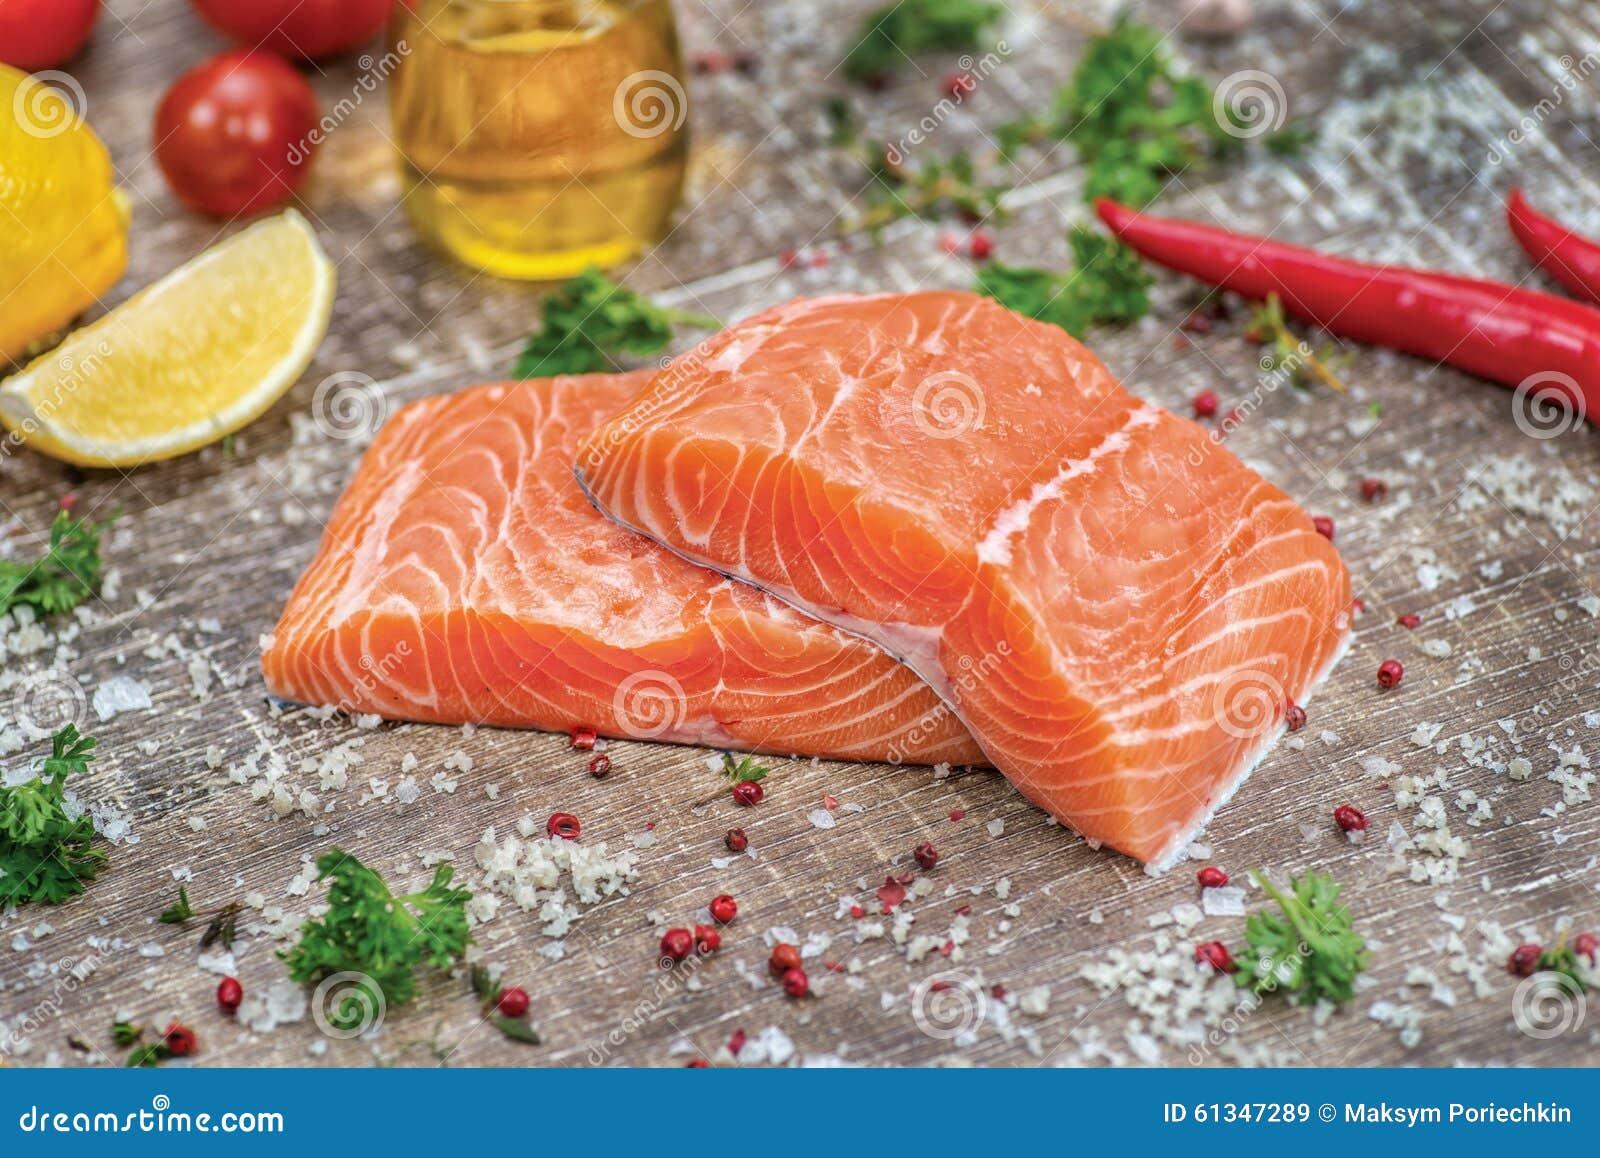 Verkleidung der Lachse Frisches und schönes Lachsfilet auf einem hölzernen